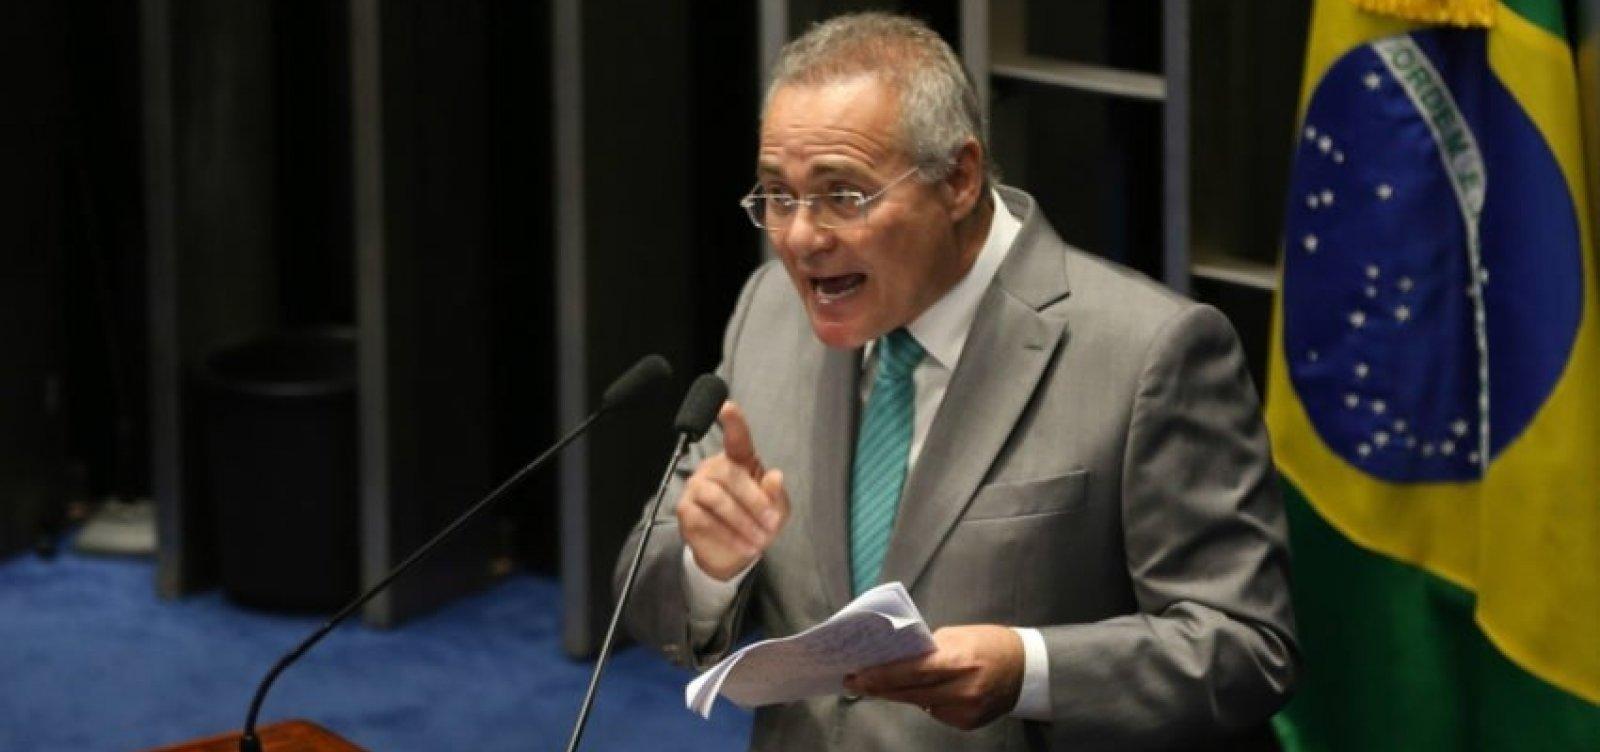 [Renan Calheiros defende anistia de hackers que vazaram conversas de Moro na Operação Lava-Jato]